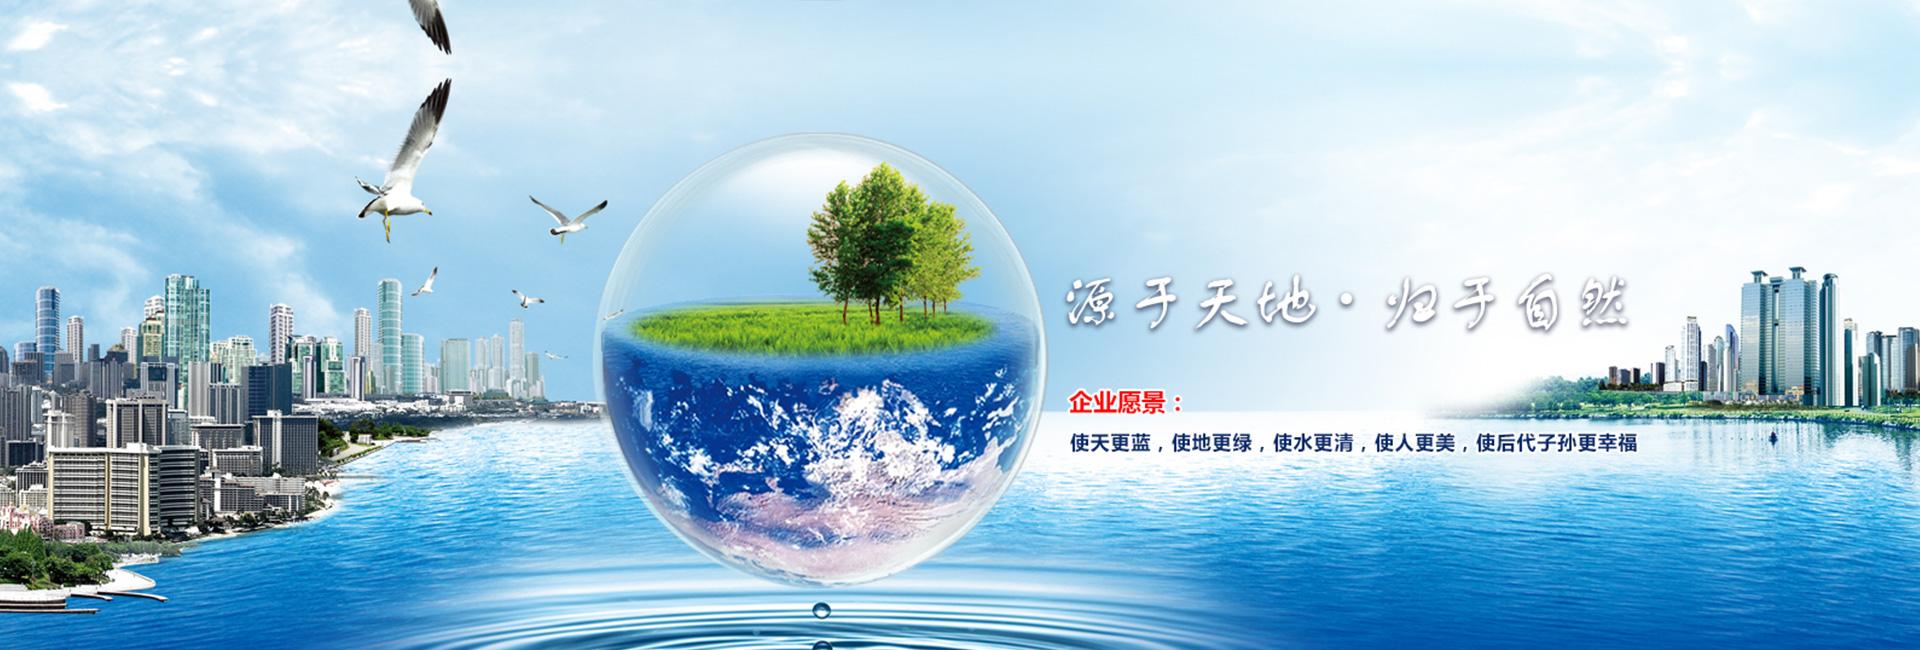 秸秆农林废弃物利用